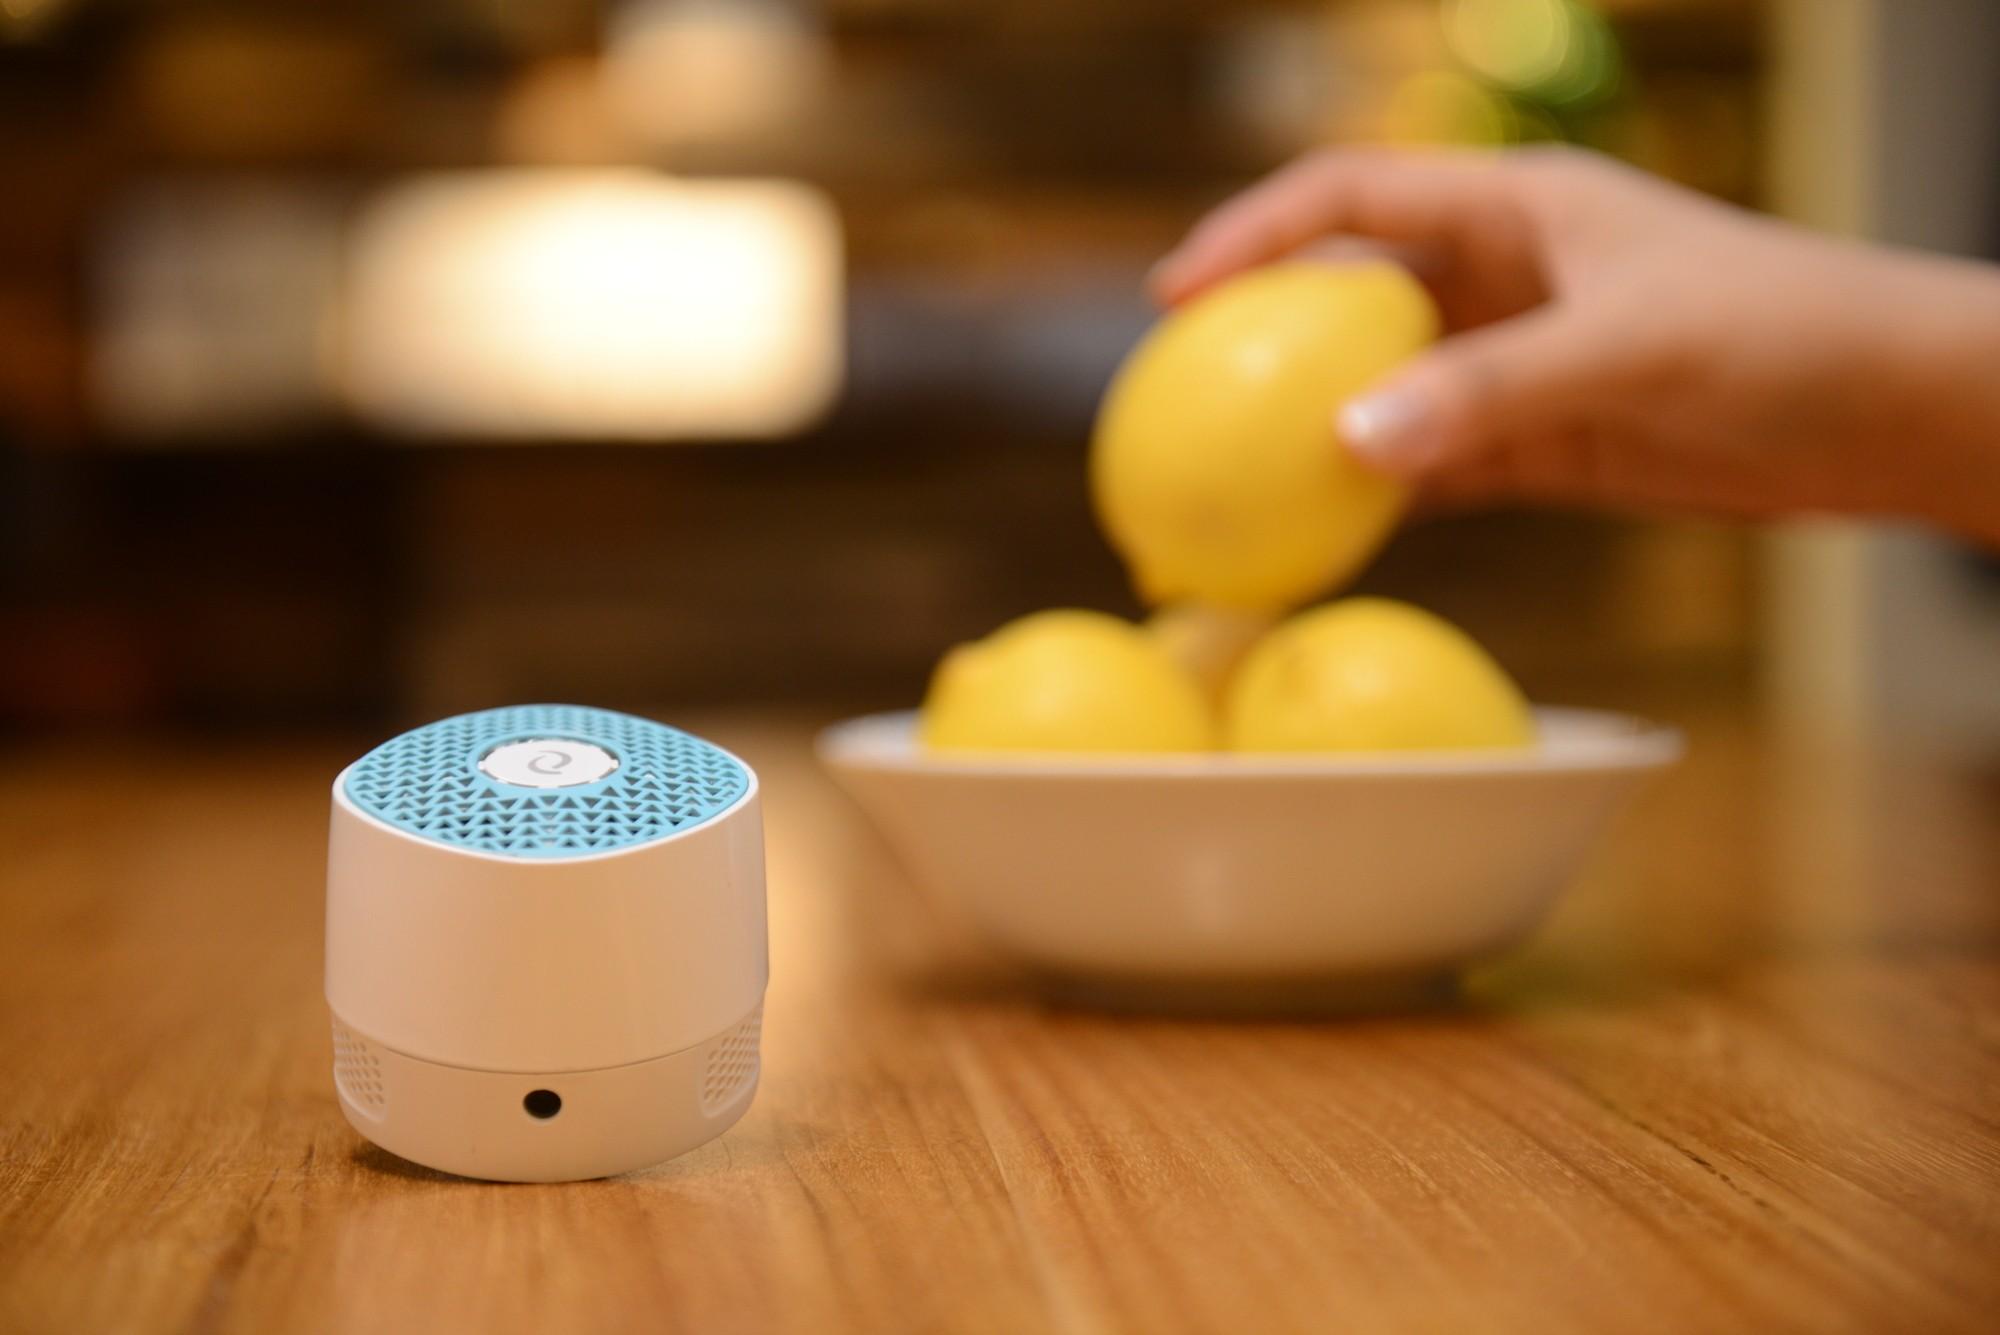 國際貓家~VentiFresh 智能UV光觸媒智能除臭器